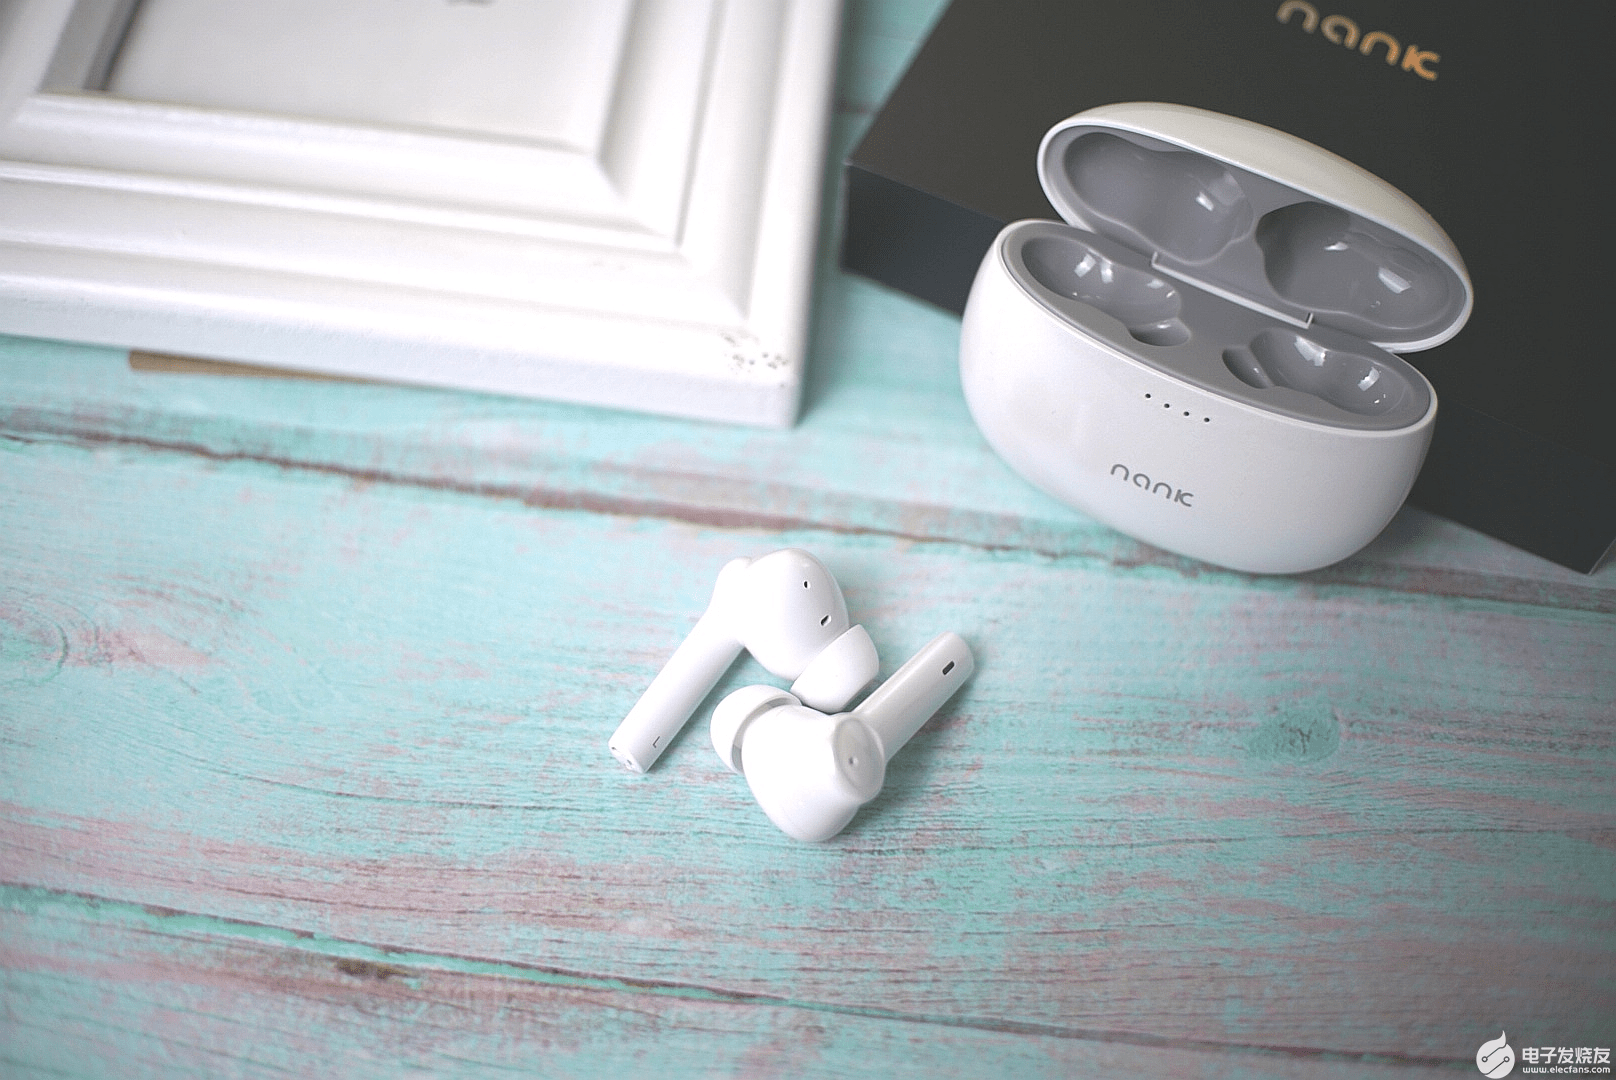 考研用什么蓝牙降噪耳机好?适合学生党的降噪耳机推荐